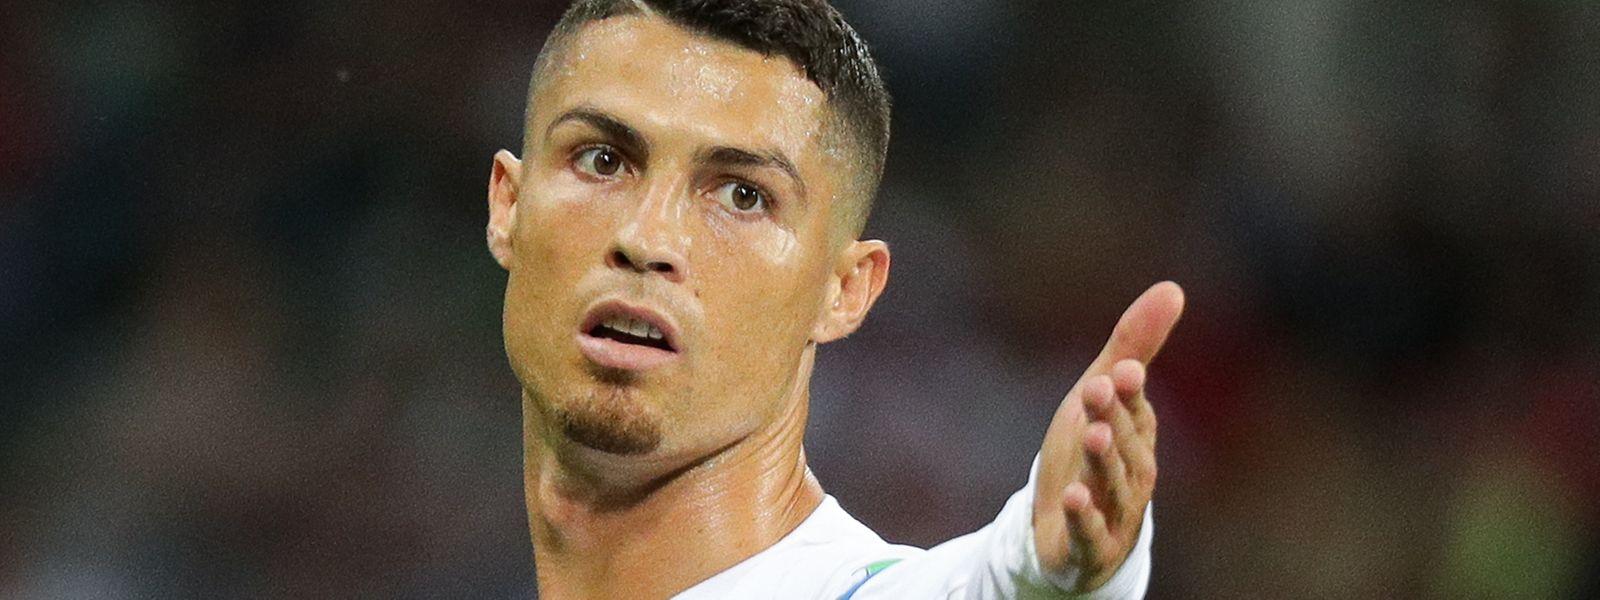 O regresso de Cristiano Ronaldo e as estreias de João Félix, Dyego Sousa e Diogo Jota são os destaques da lista de 25 jogadores convocados pelo selecionador Fernando Santos.